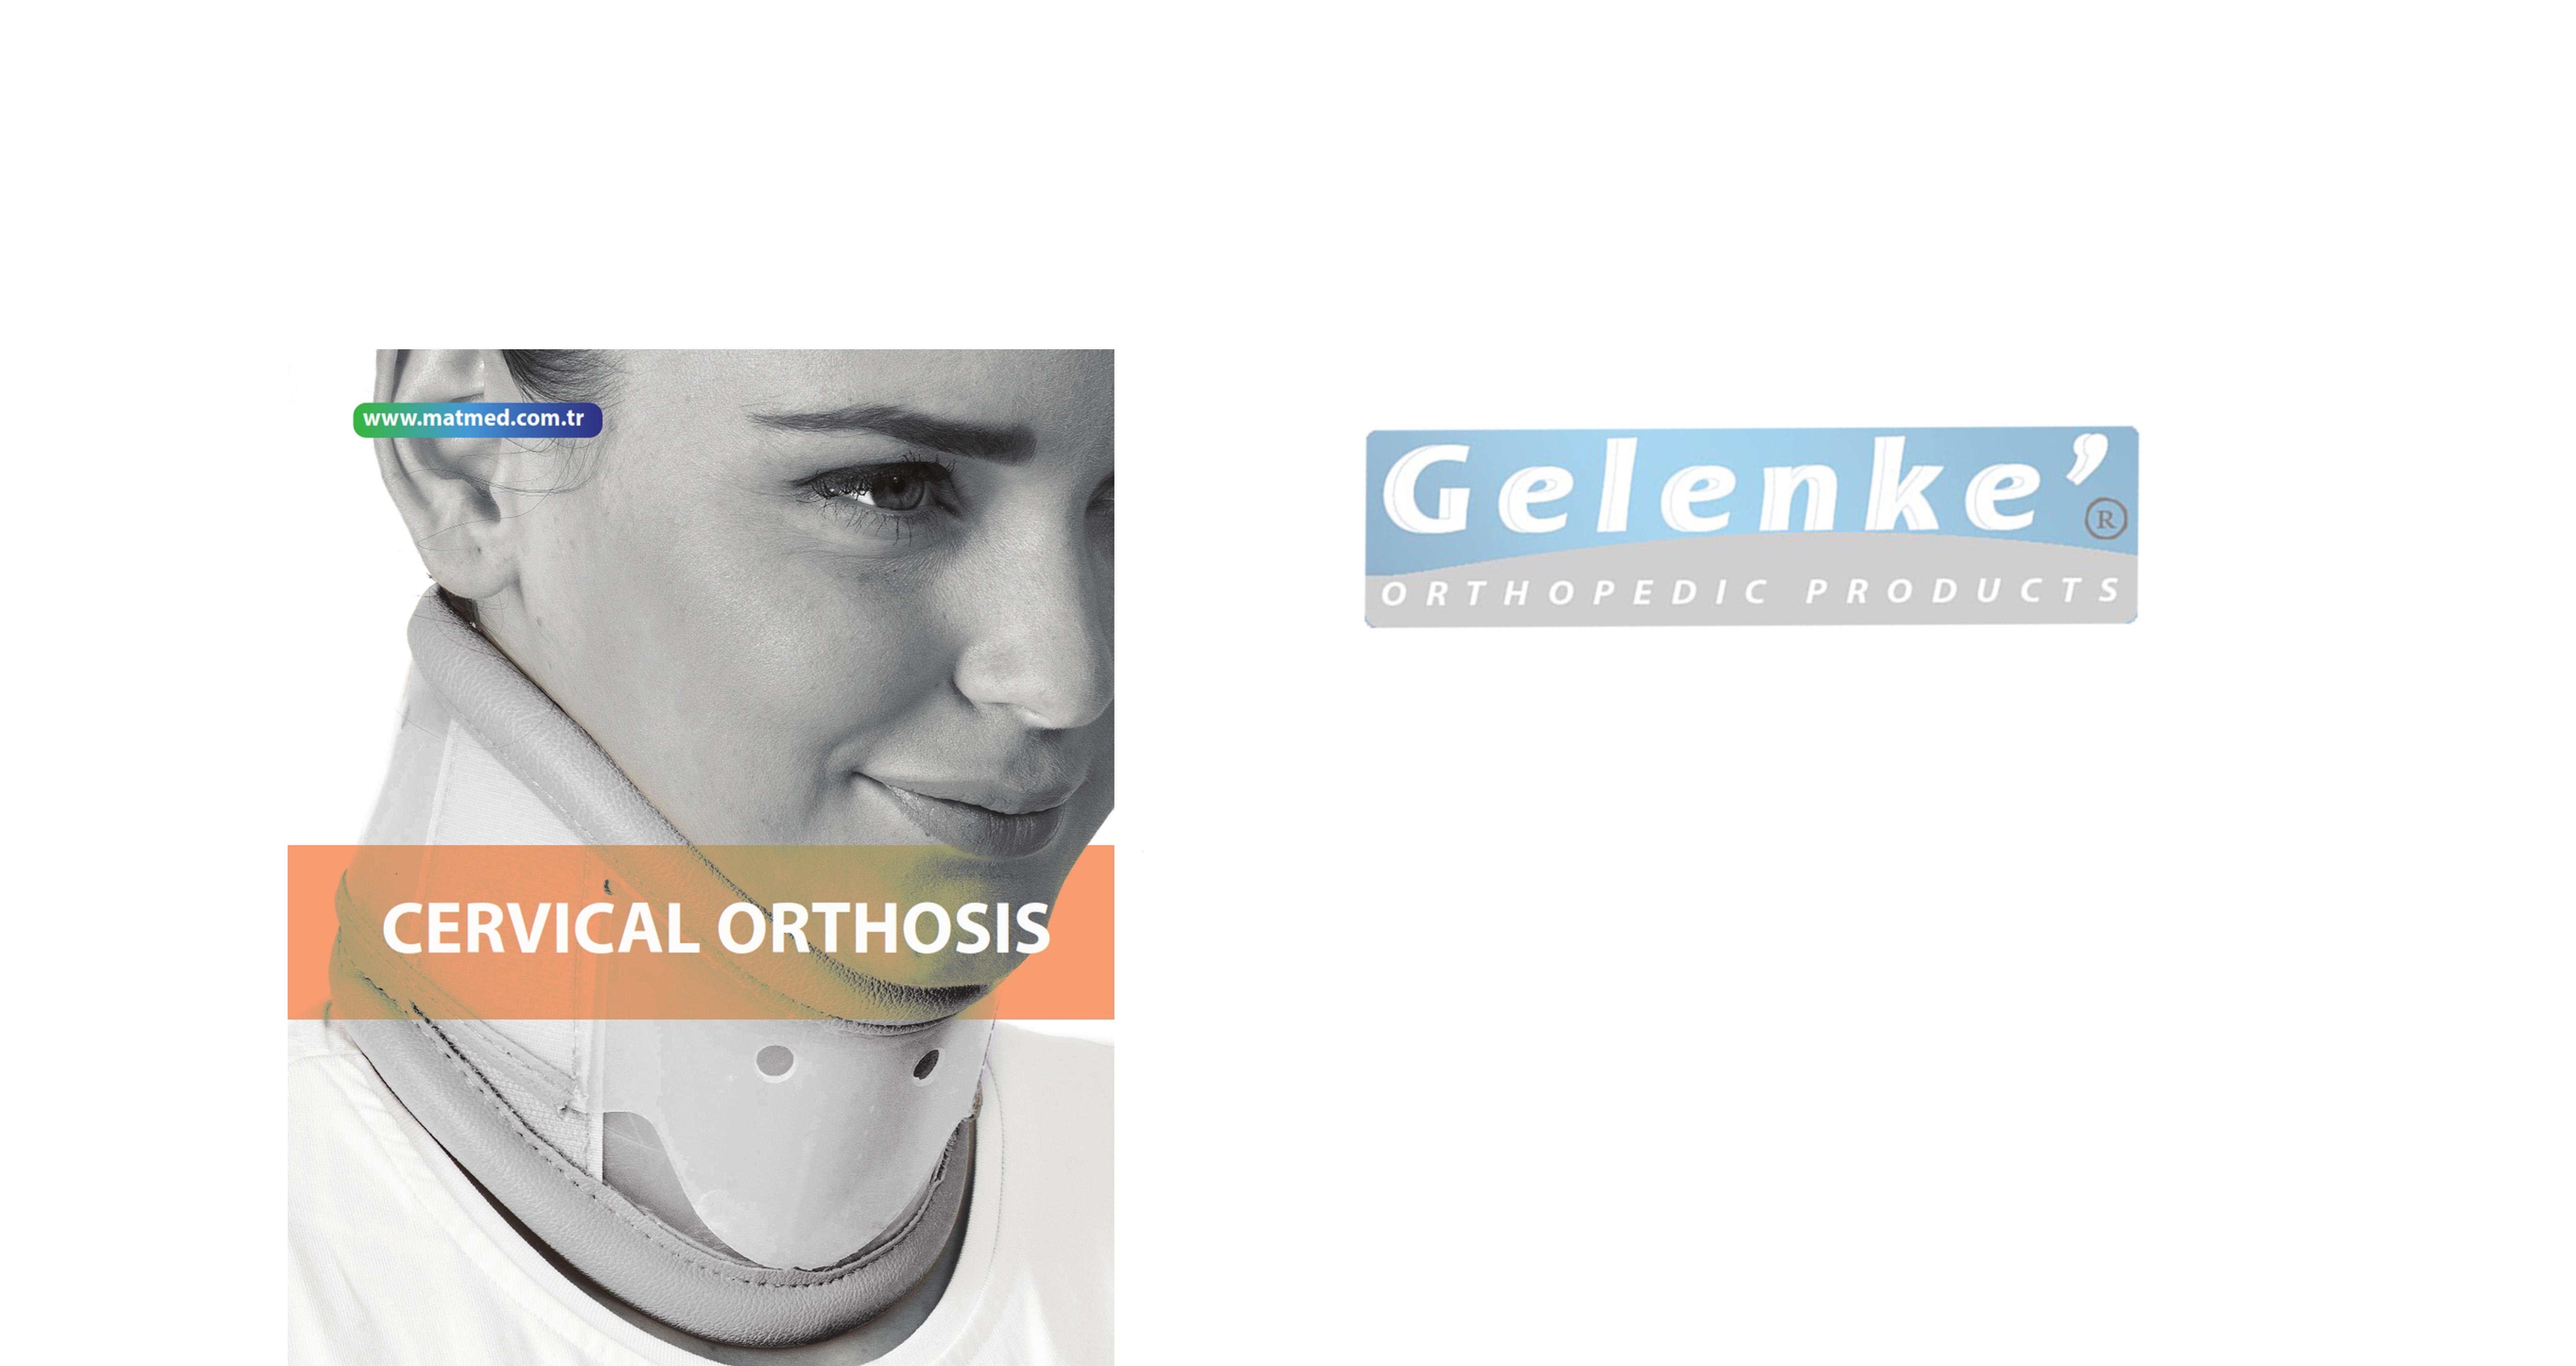 Gelenke cervical orthosis